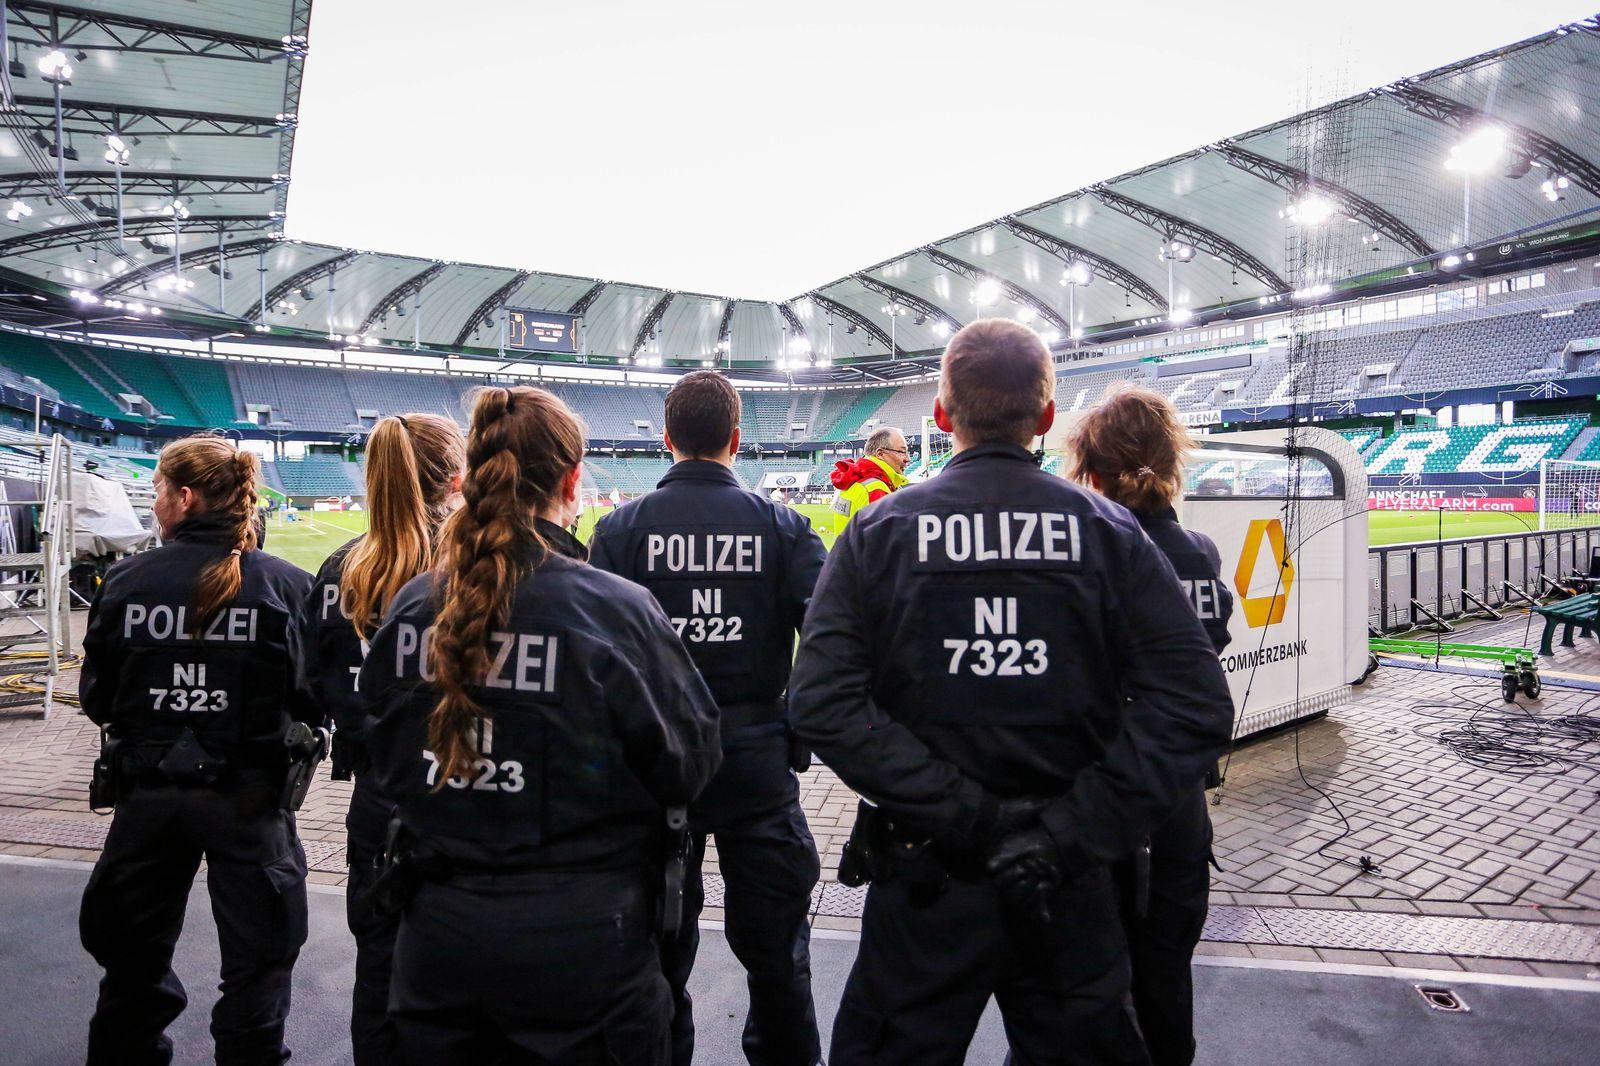 Die Polizei sichert das Abschlusstraining der Deutschen Nationalmannschaft in der Volkswagen Arena